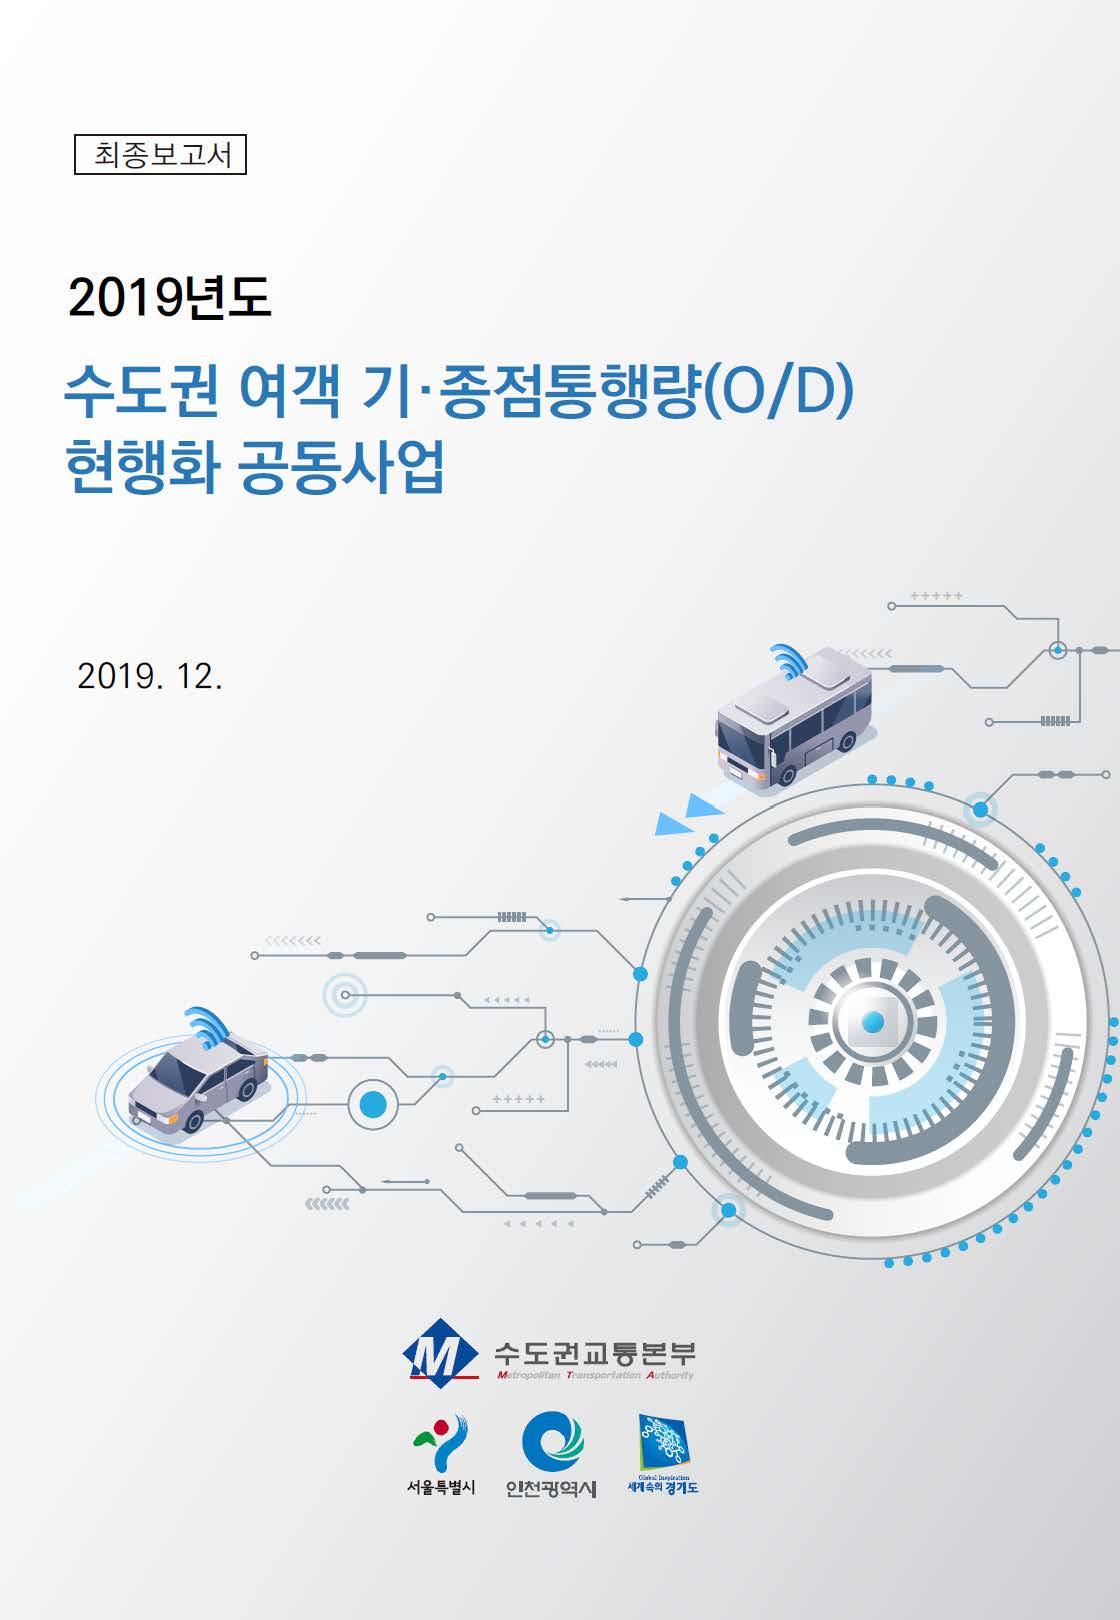 2019년도 수도권 여객 기·종점통행량(O/D)현행화 공동사업